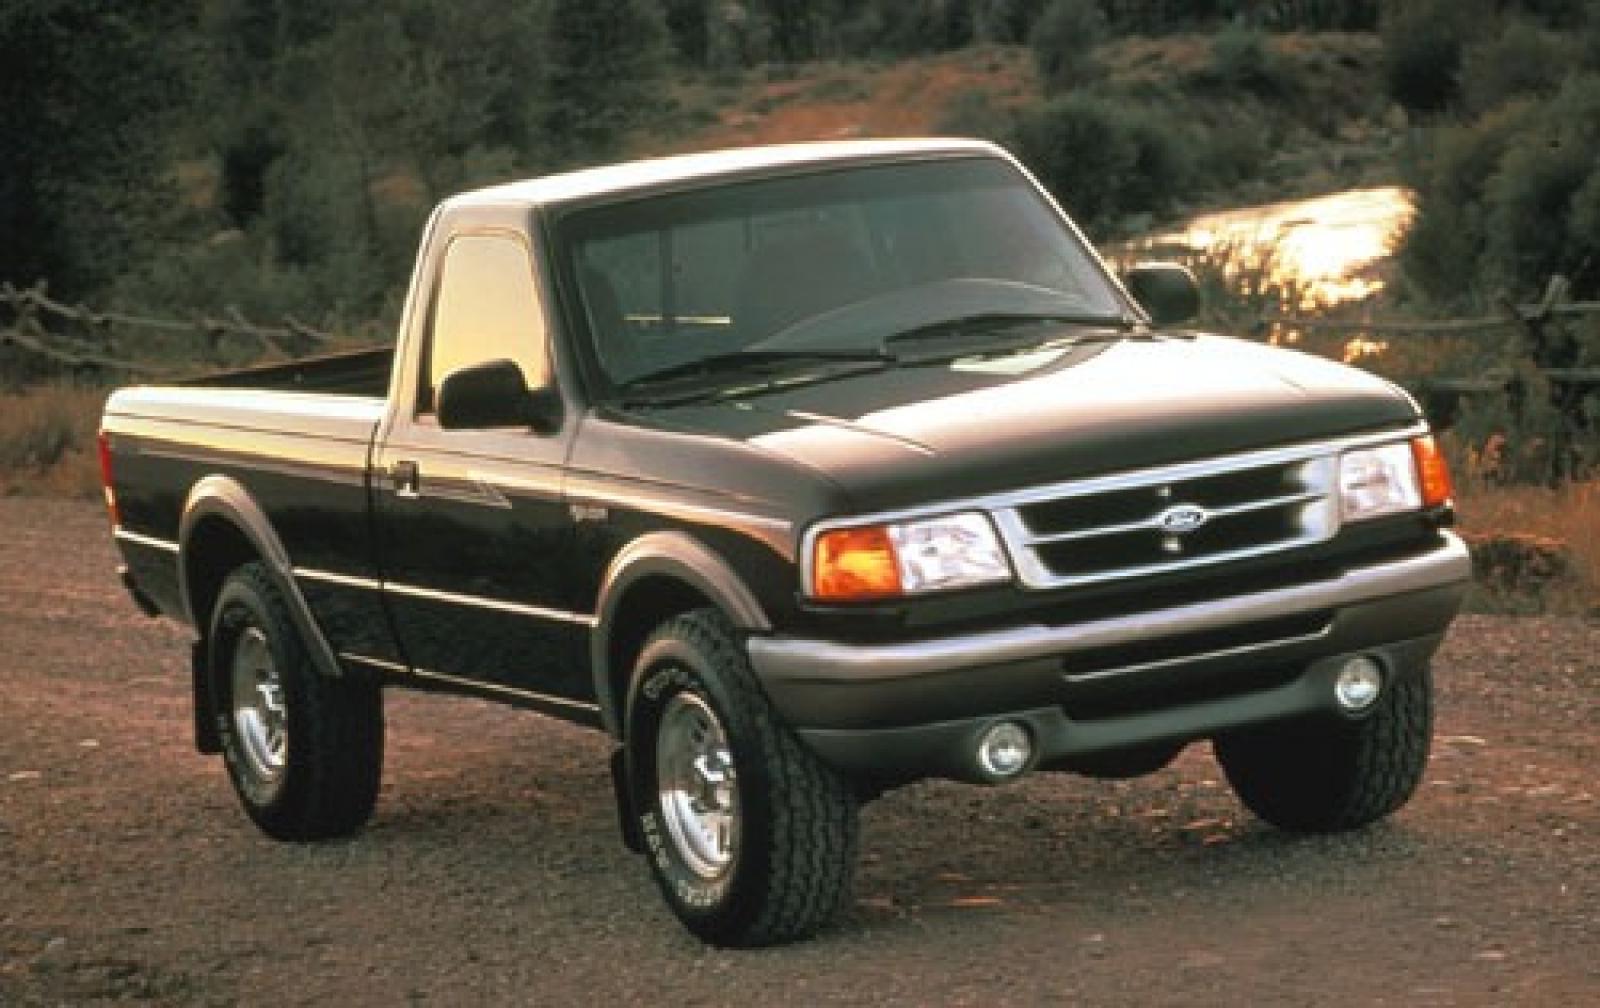 Ford Ranger Regular Cab Pickup Xlt Fq Oem on 1990 Ford Ranger Extended Cab